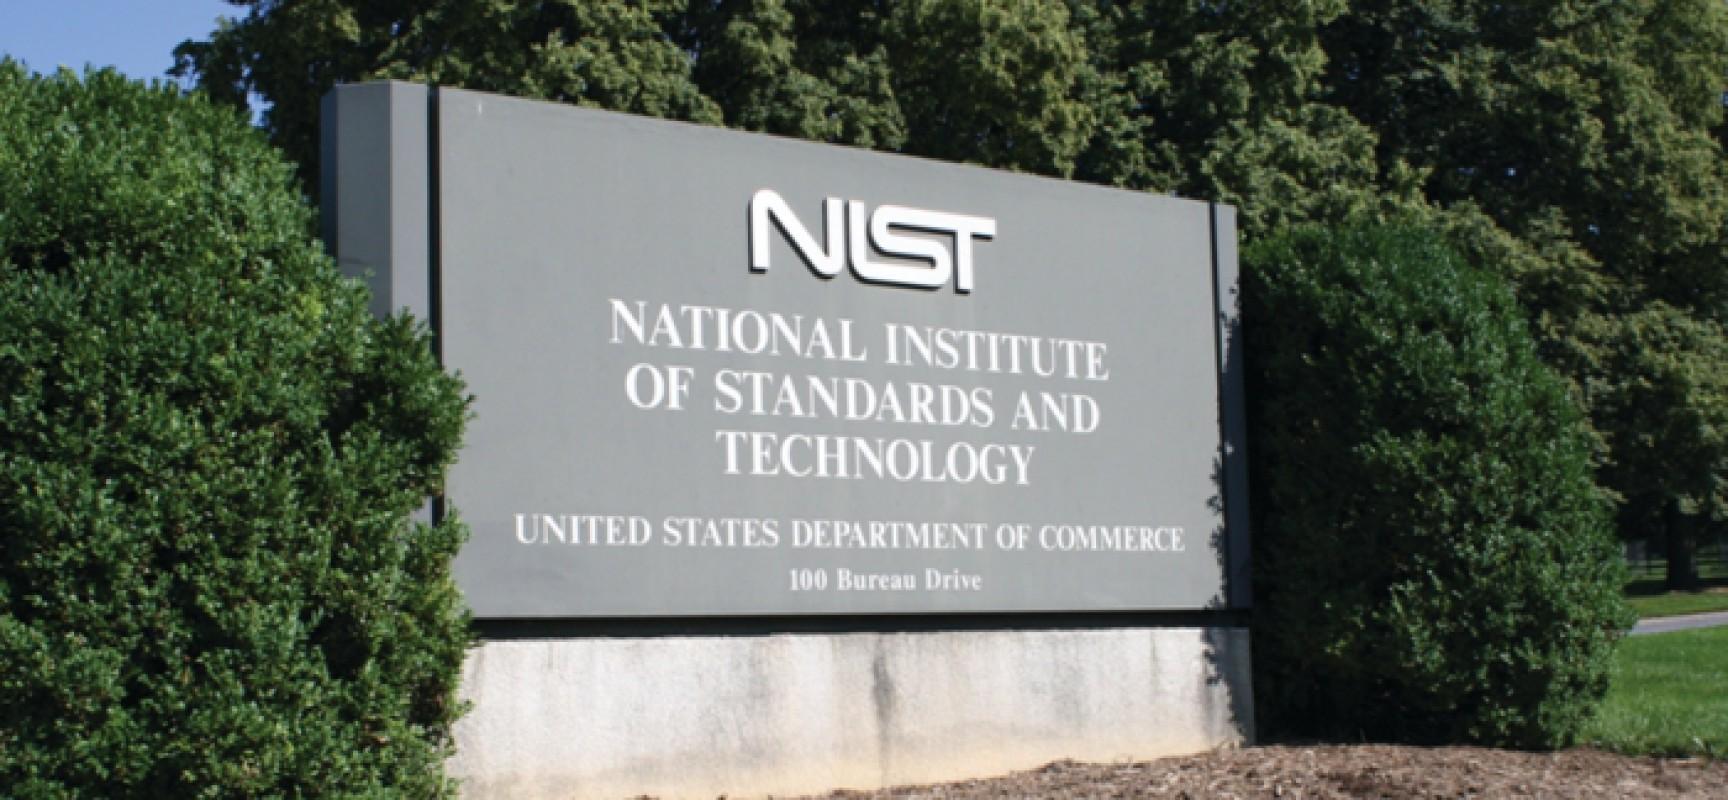 Un employé du NIST, un scientifique du gouvernement US, parle et détruit la version officielle du 11 septembre fournie par son propre employeur